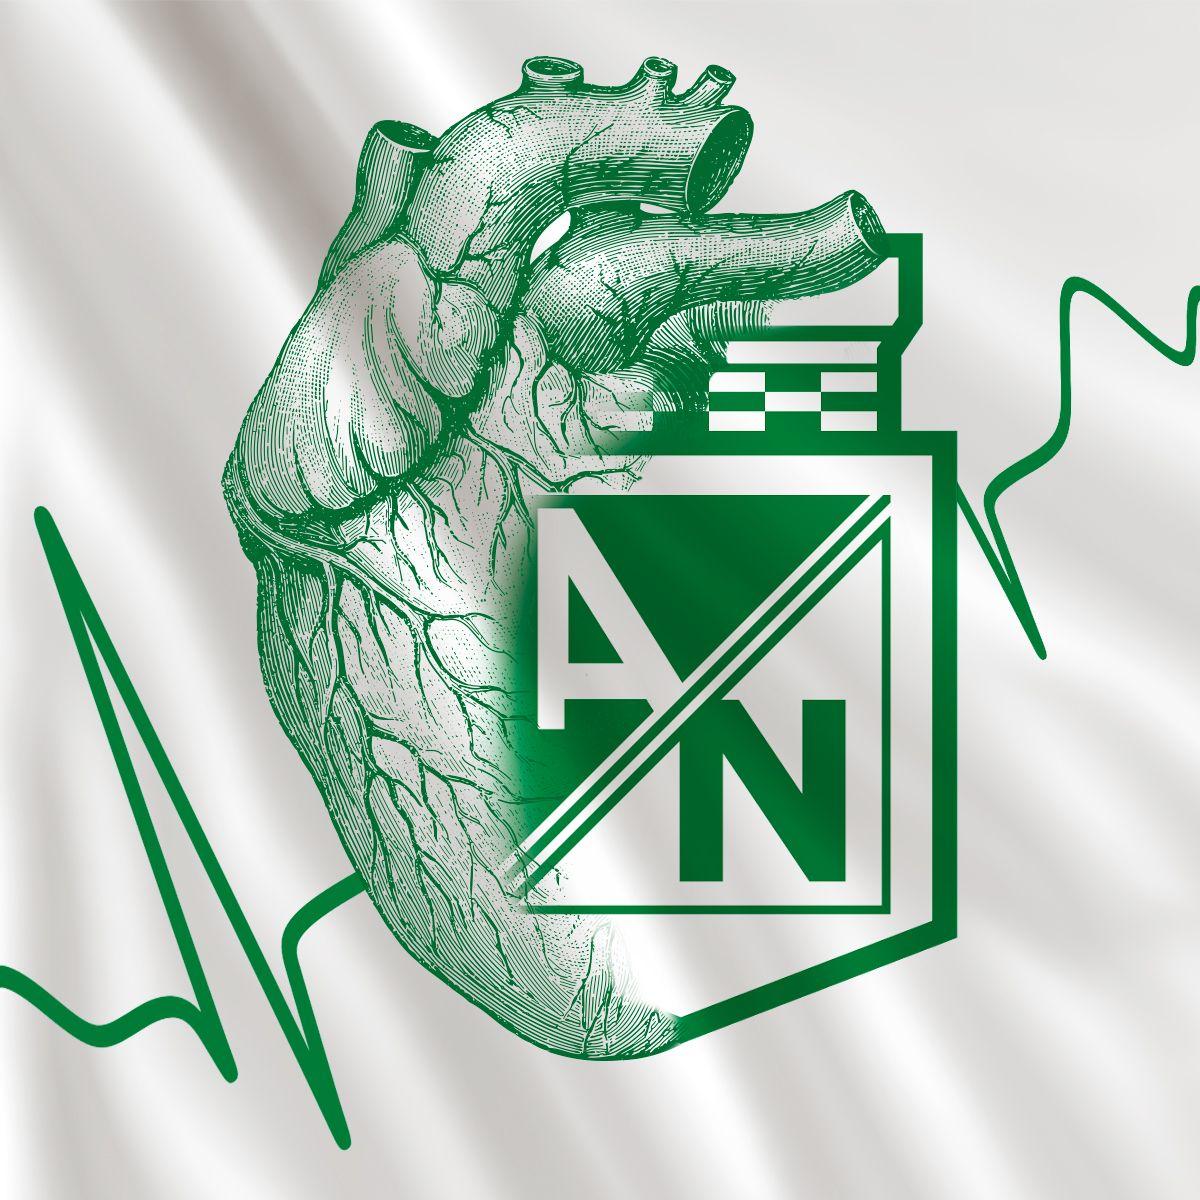 Pulso Verde Cual Es La Rabia Con Macnelly Atletico Nacional Atletico Nacional Medellin Club Atletico Nacional